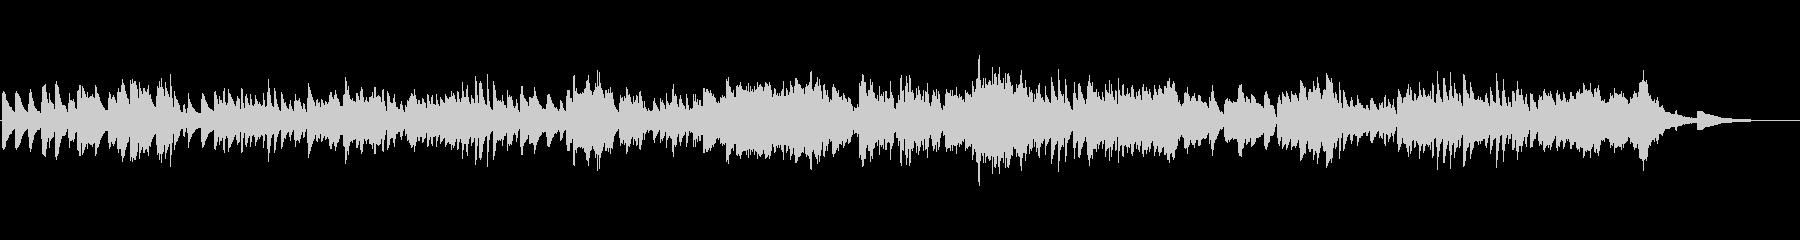 メロウなピアノのジャズワルツの未再生の波形